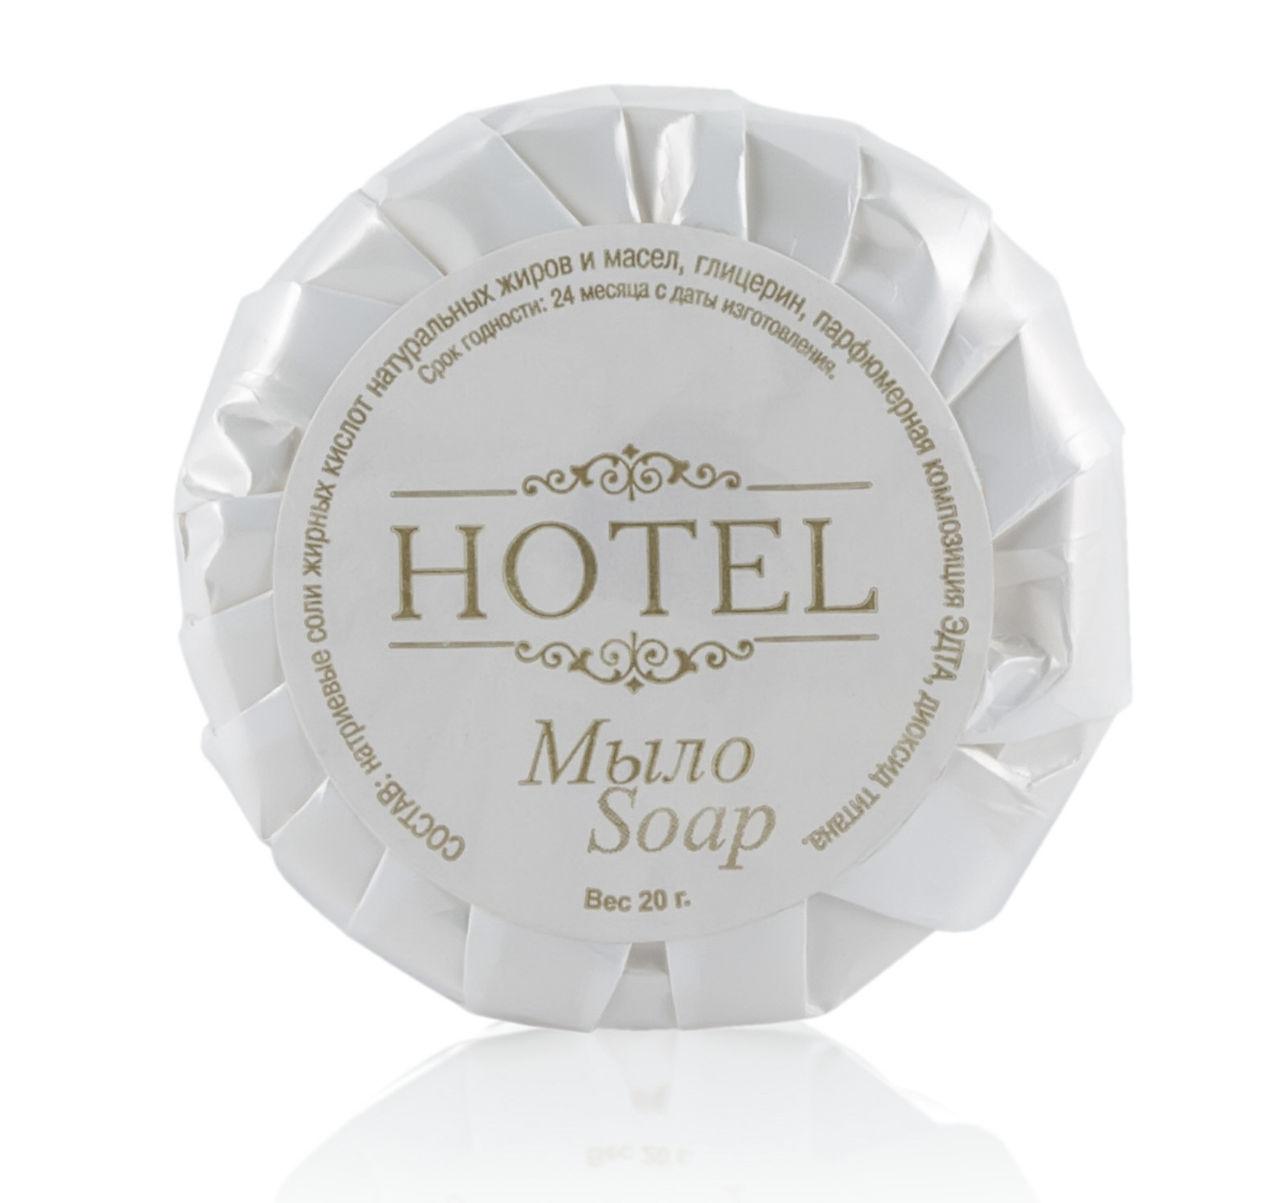 Мыло Hotel в гофре 30 гр